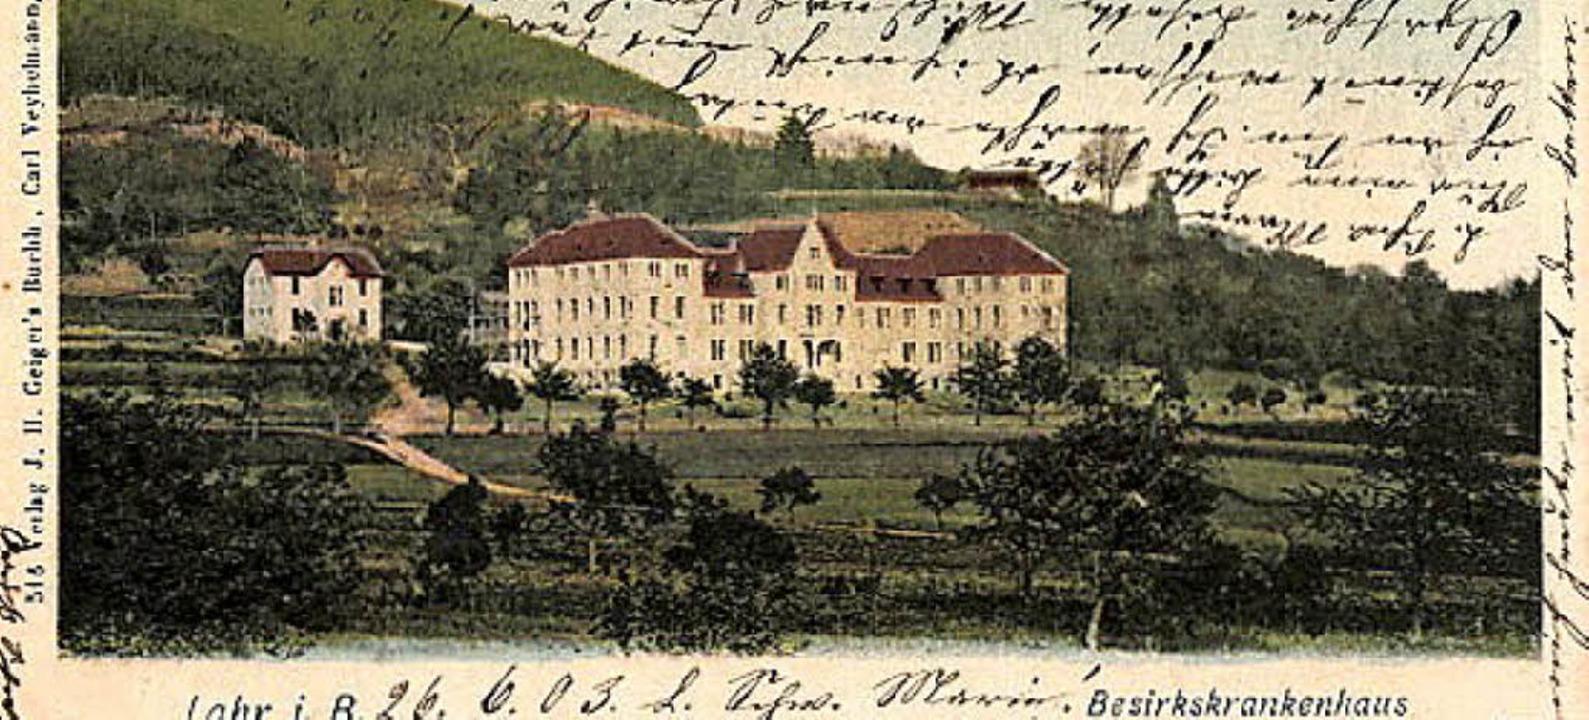 Eine alte Postkarte zeigt das Bezirkskrankenhaus    Foto: Norbert Klein